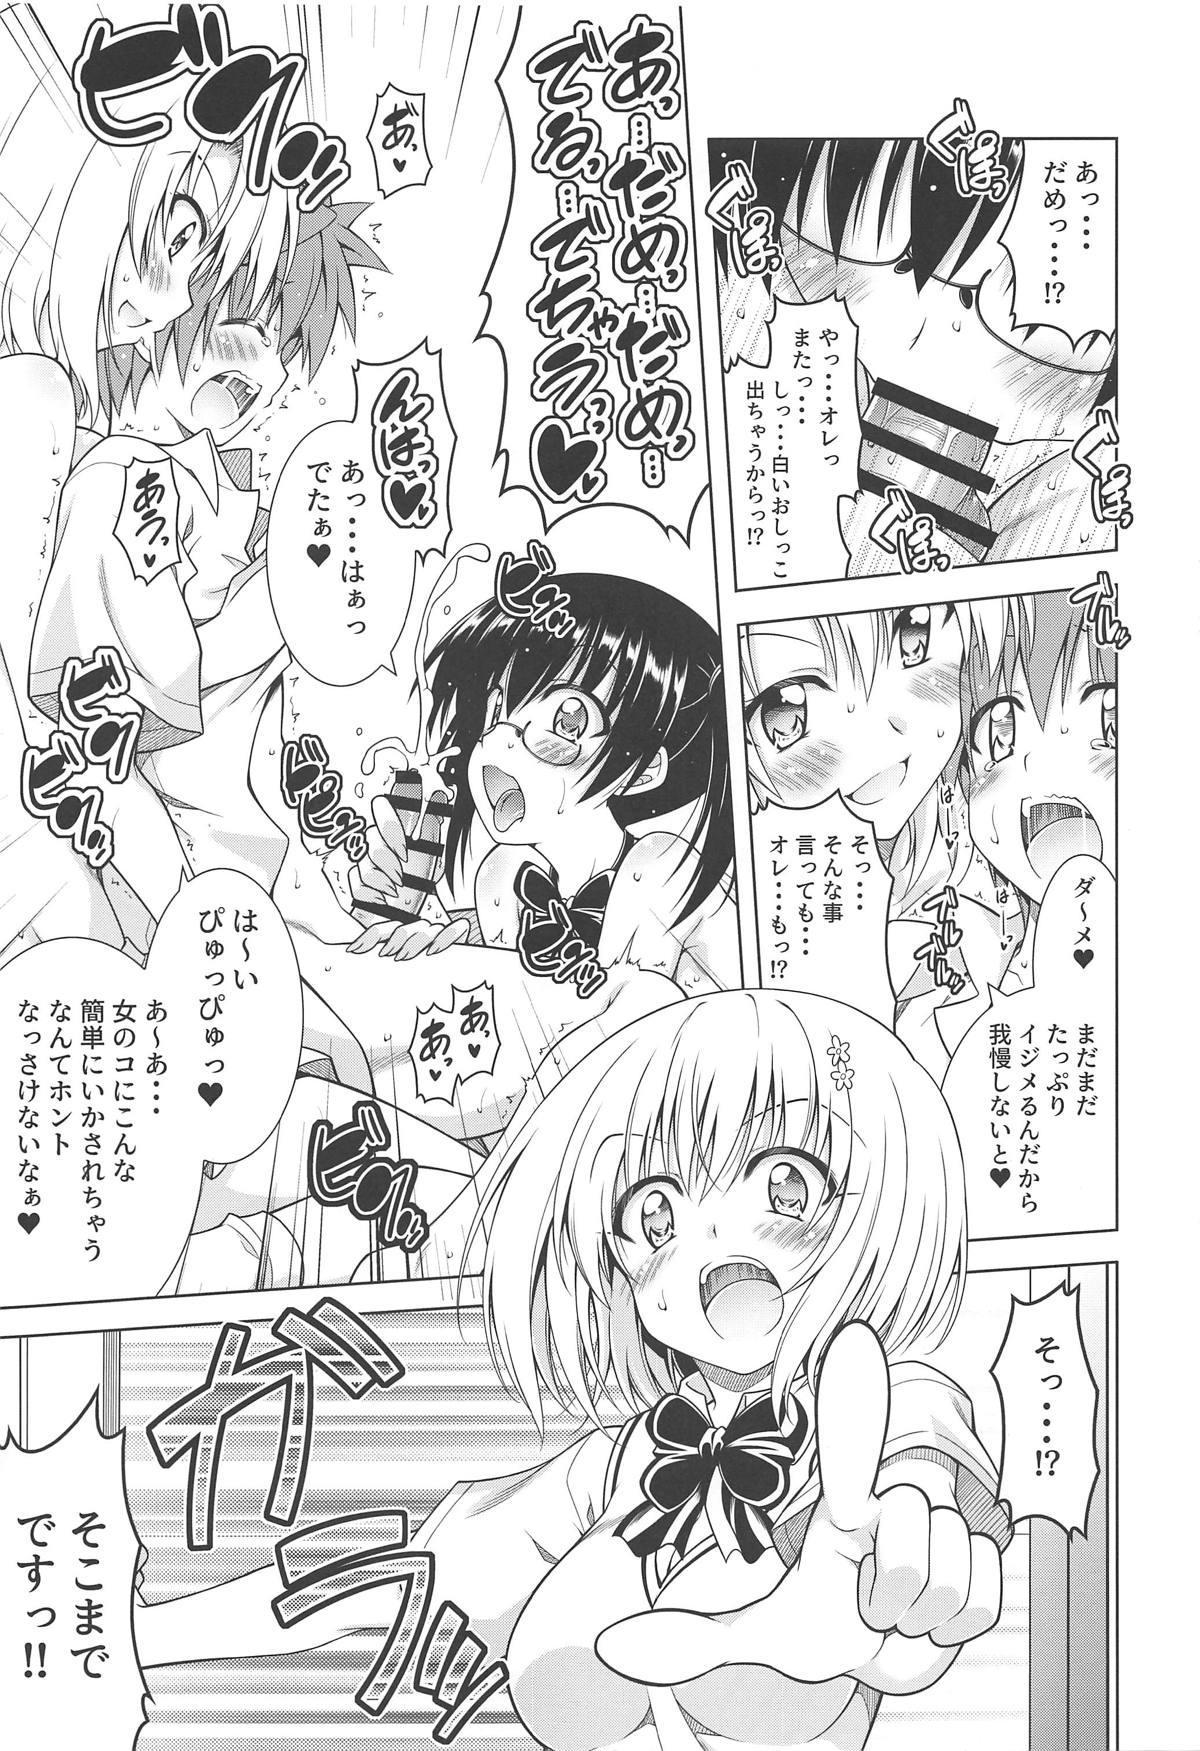 Rito-san no Harem Seikatsu 7 10